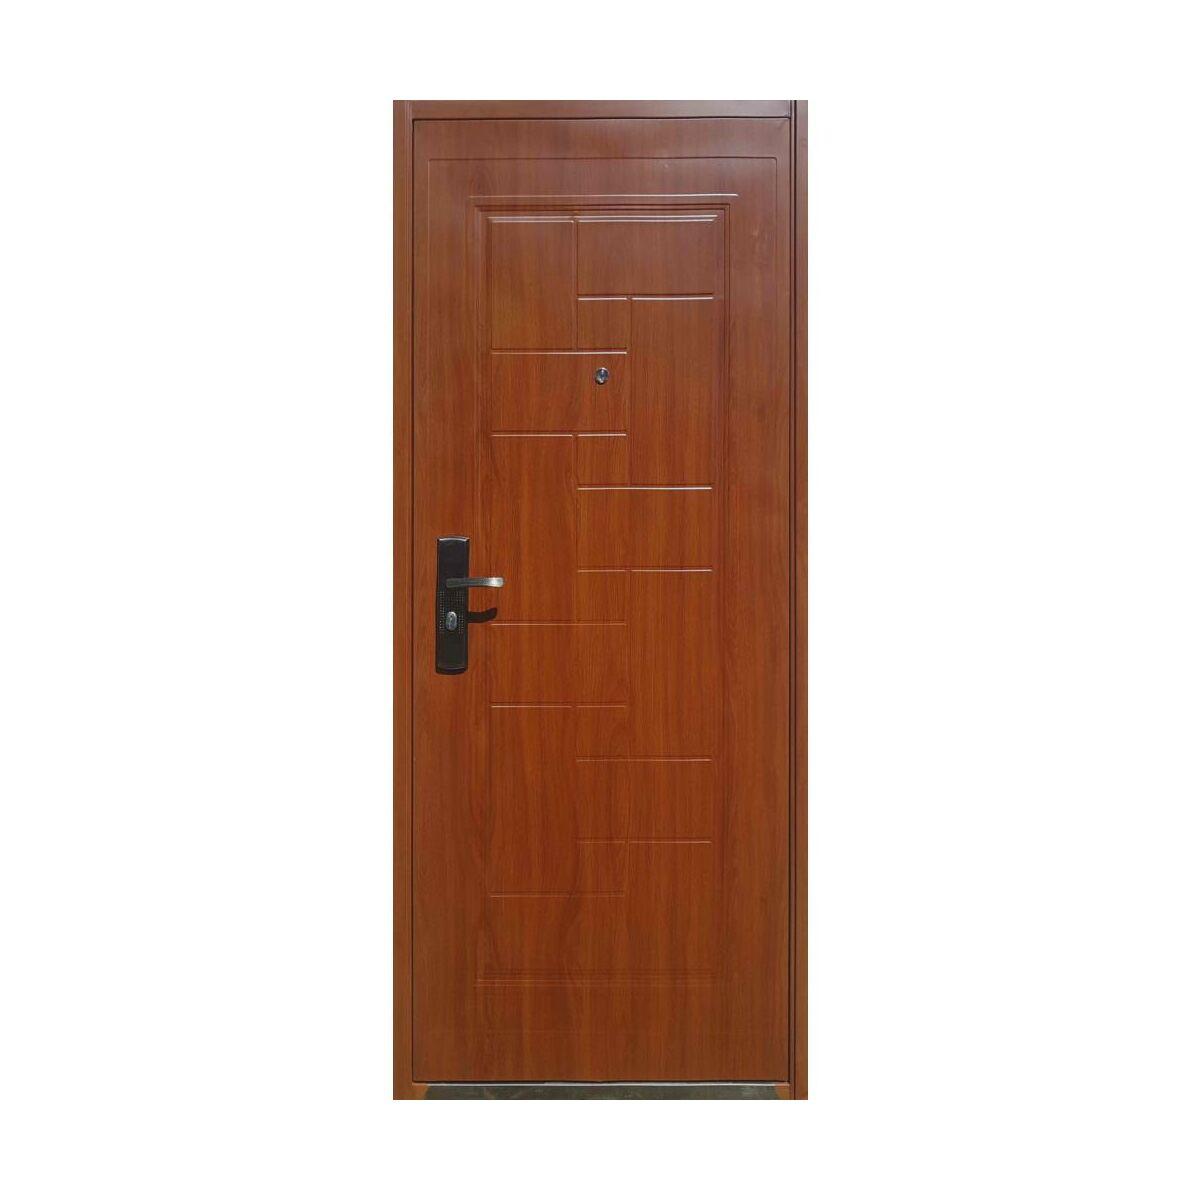 Drzwi Wejsciowe Tetris 80 Prawe Drzwi Wejsciowe Do Mieszkania W